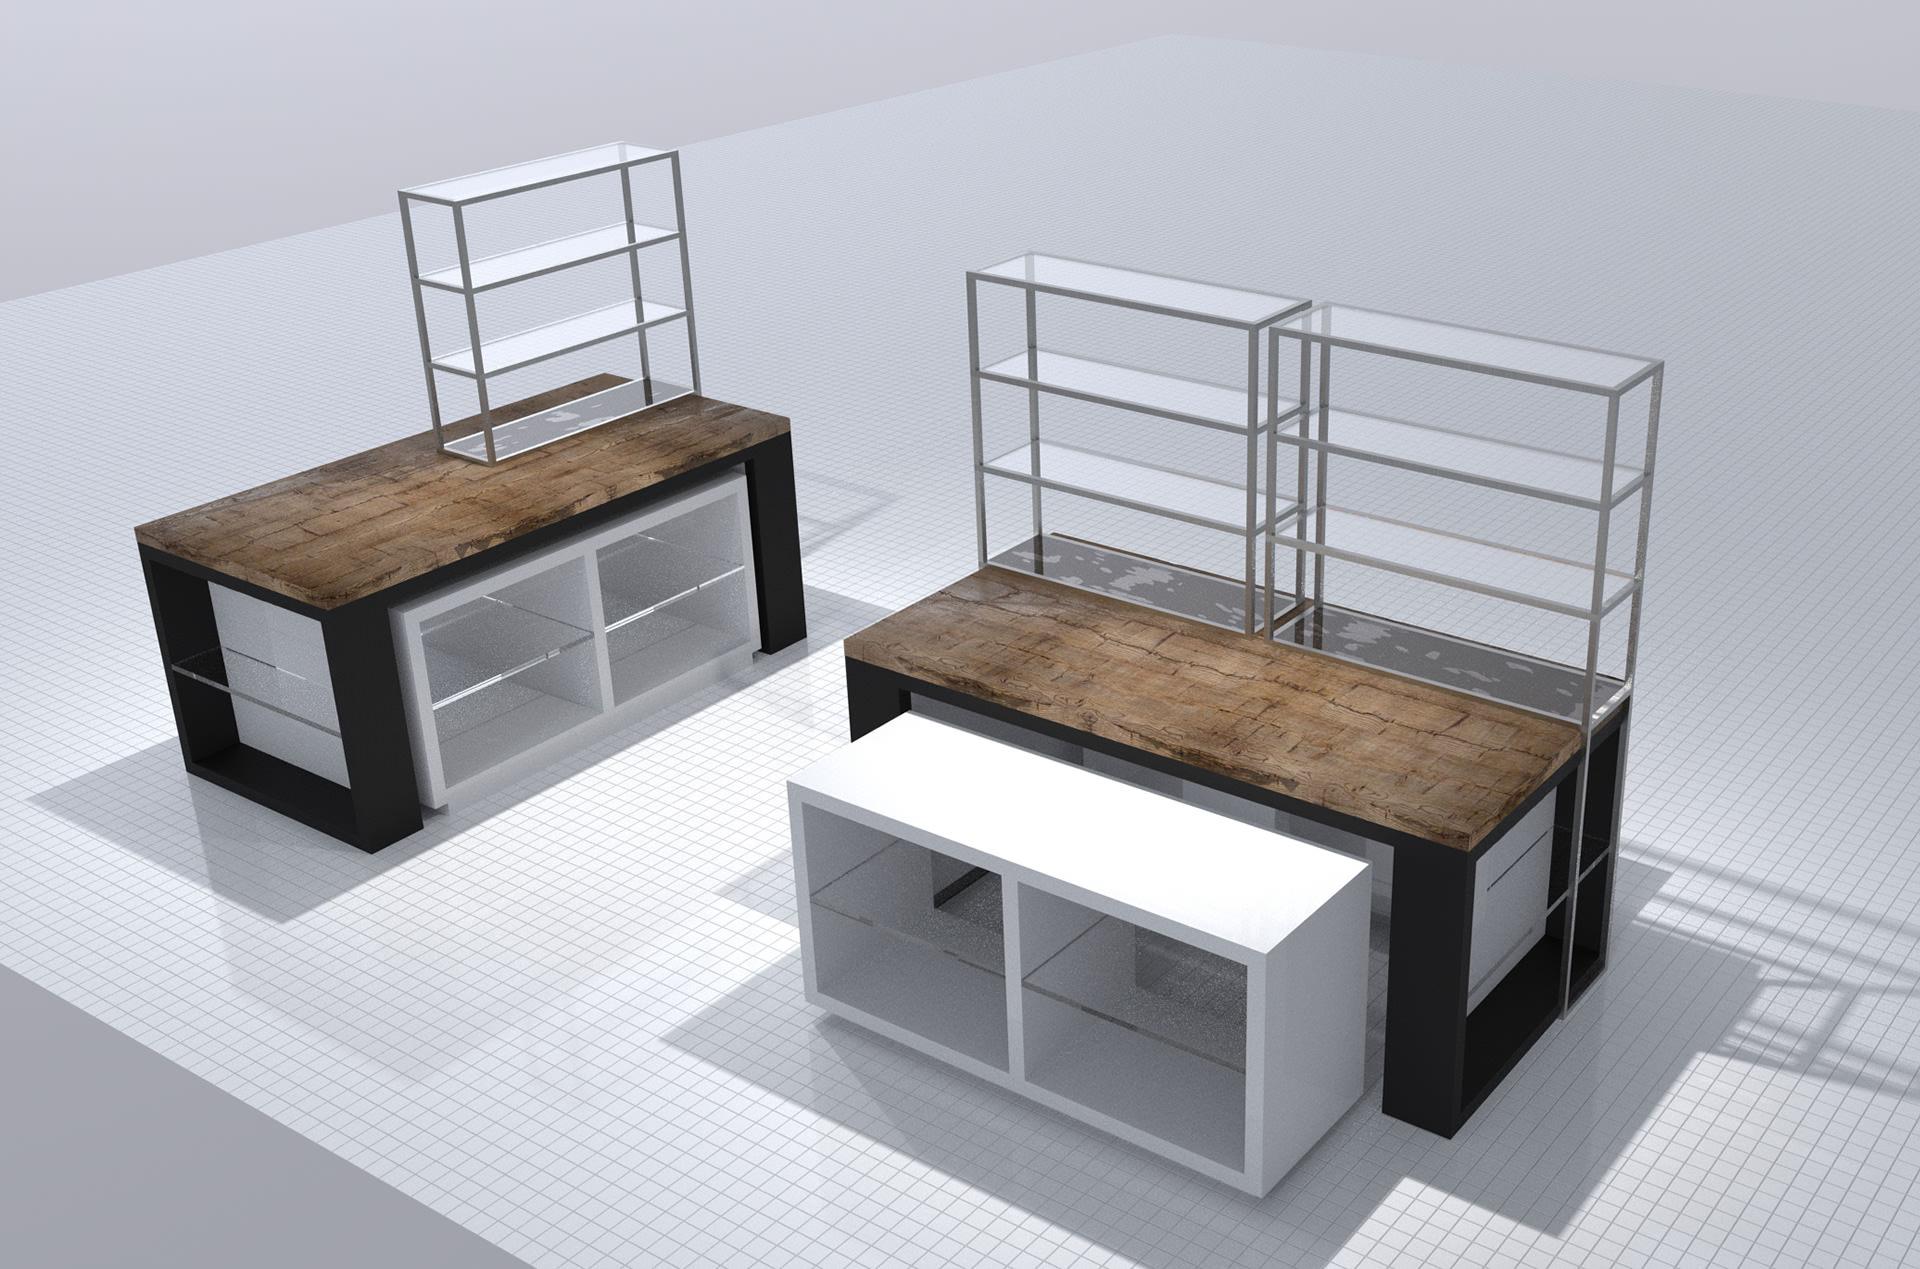 Planung, Visualisierung, Gestaltung | Innenarchitektur Nitschke-Hein Storedesign